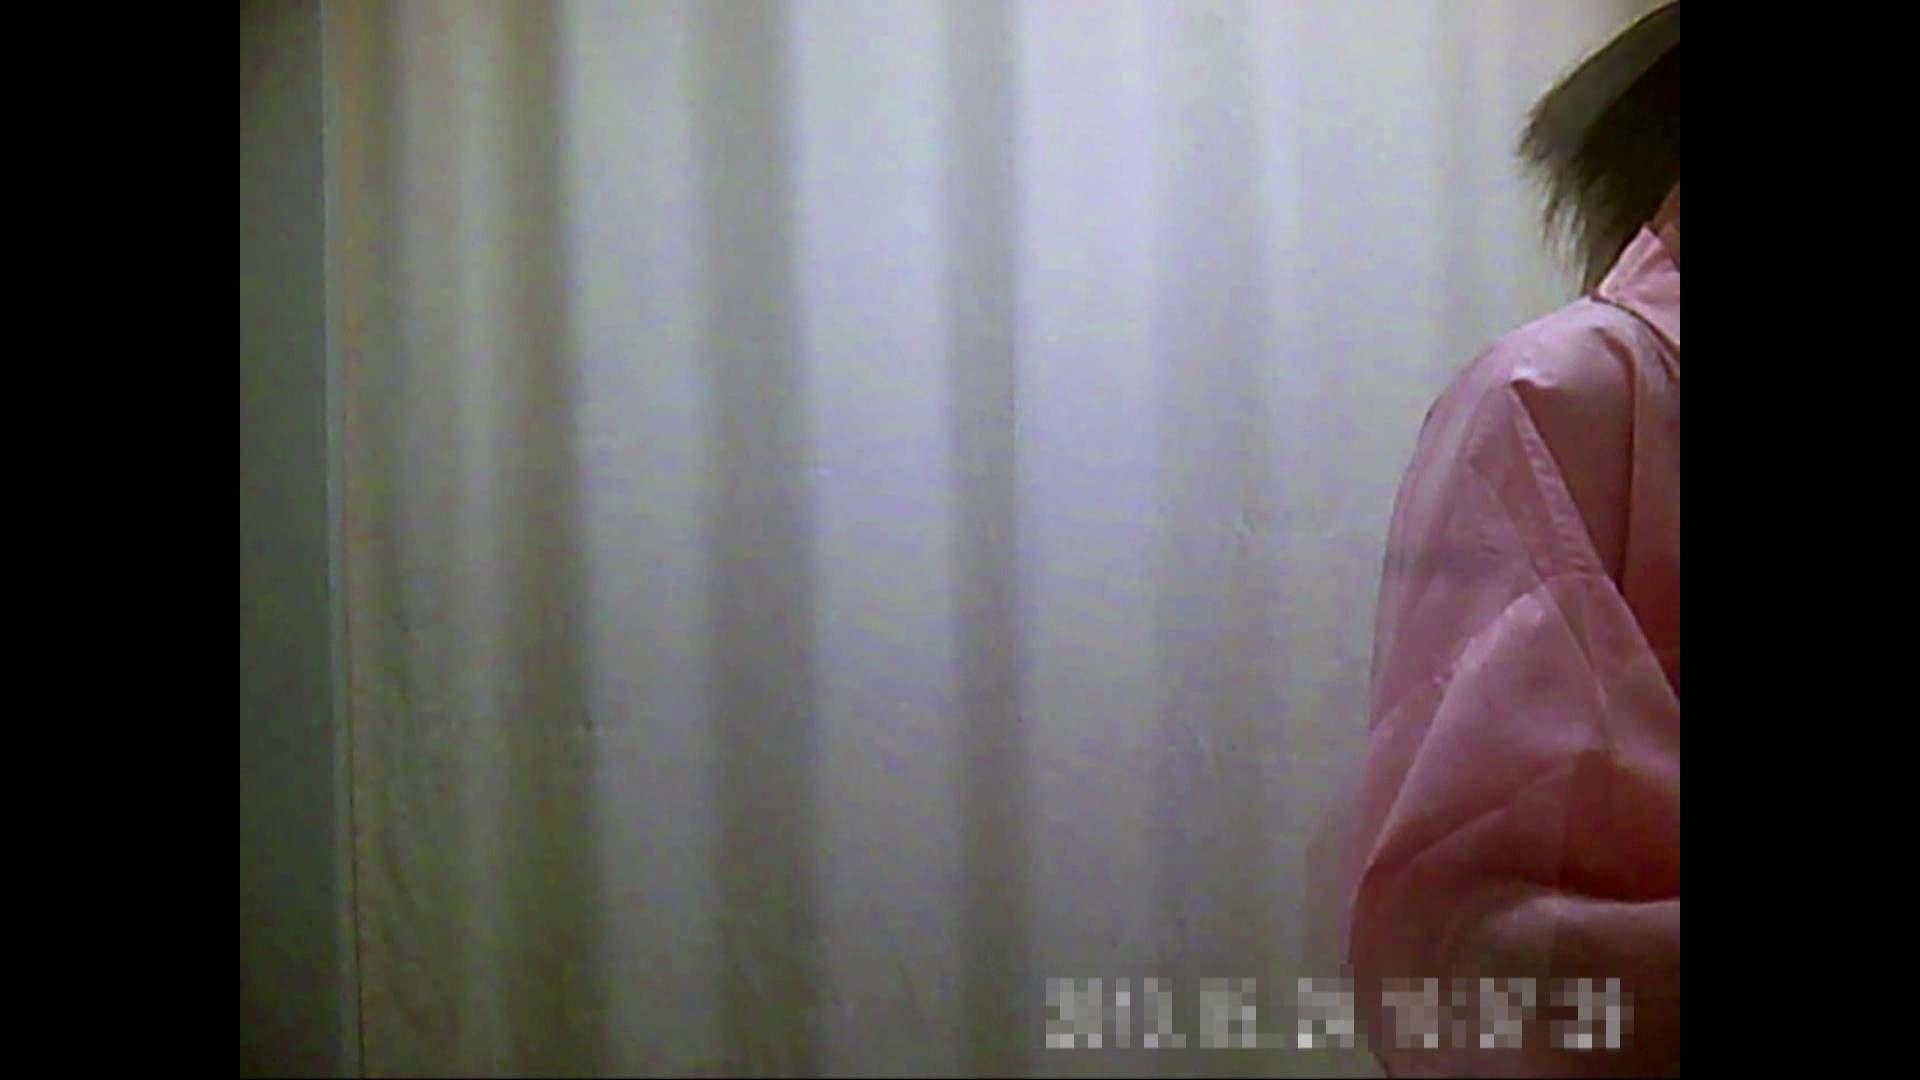 病院おもいっきり着替え! vol.252 おっぱい娘 すけべAV動画紹介 103連発 17